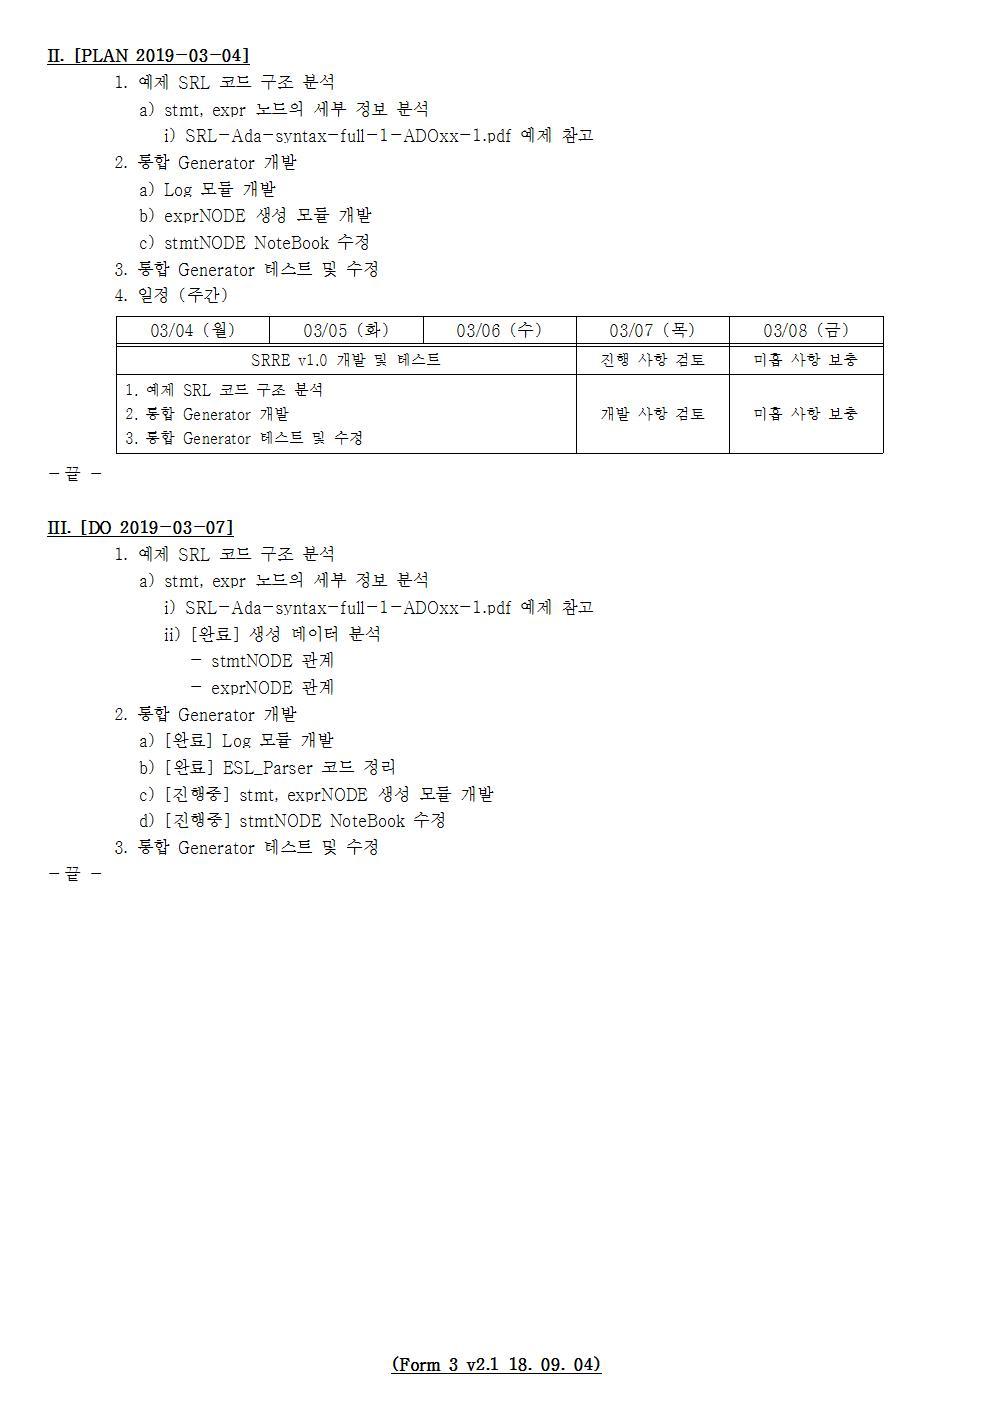 D-[19-003-RD-03]-[Tool-SRRE-1.X]-[2019-03-07][JS]002.jpg